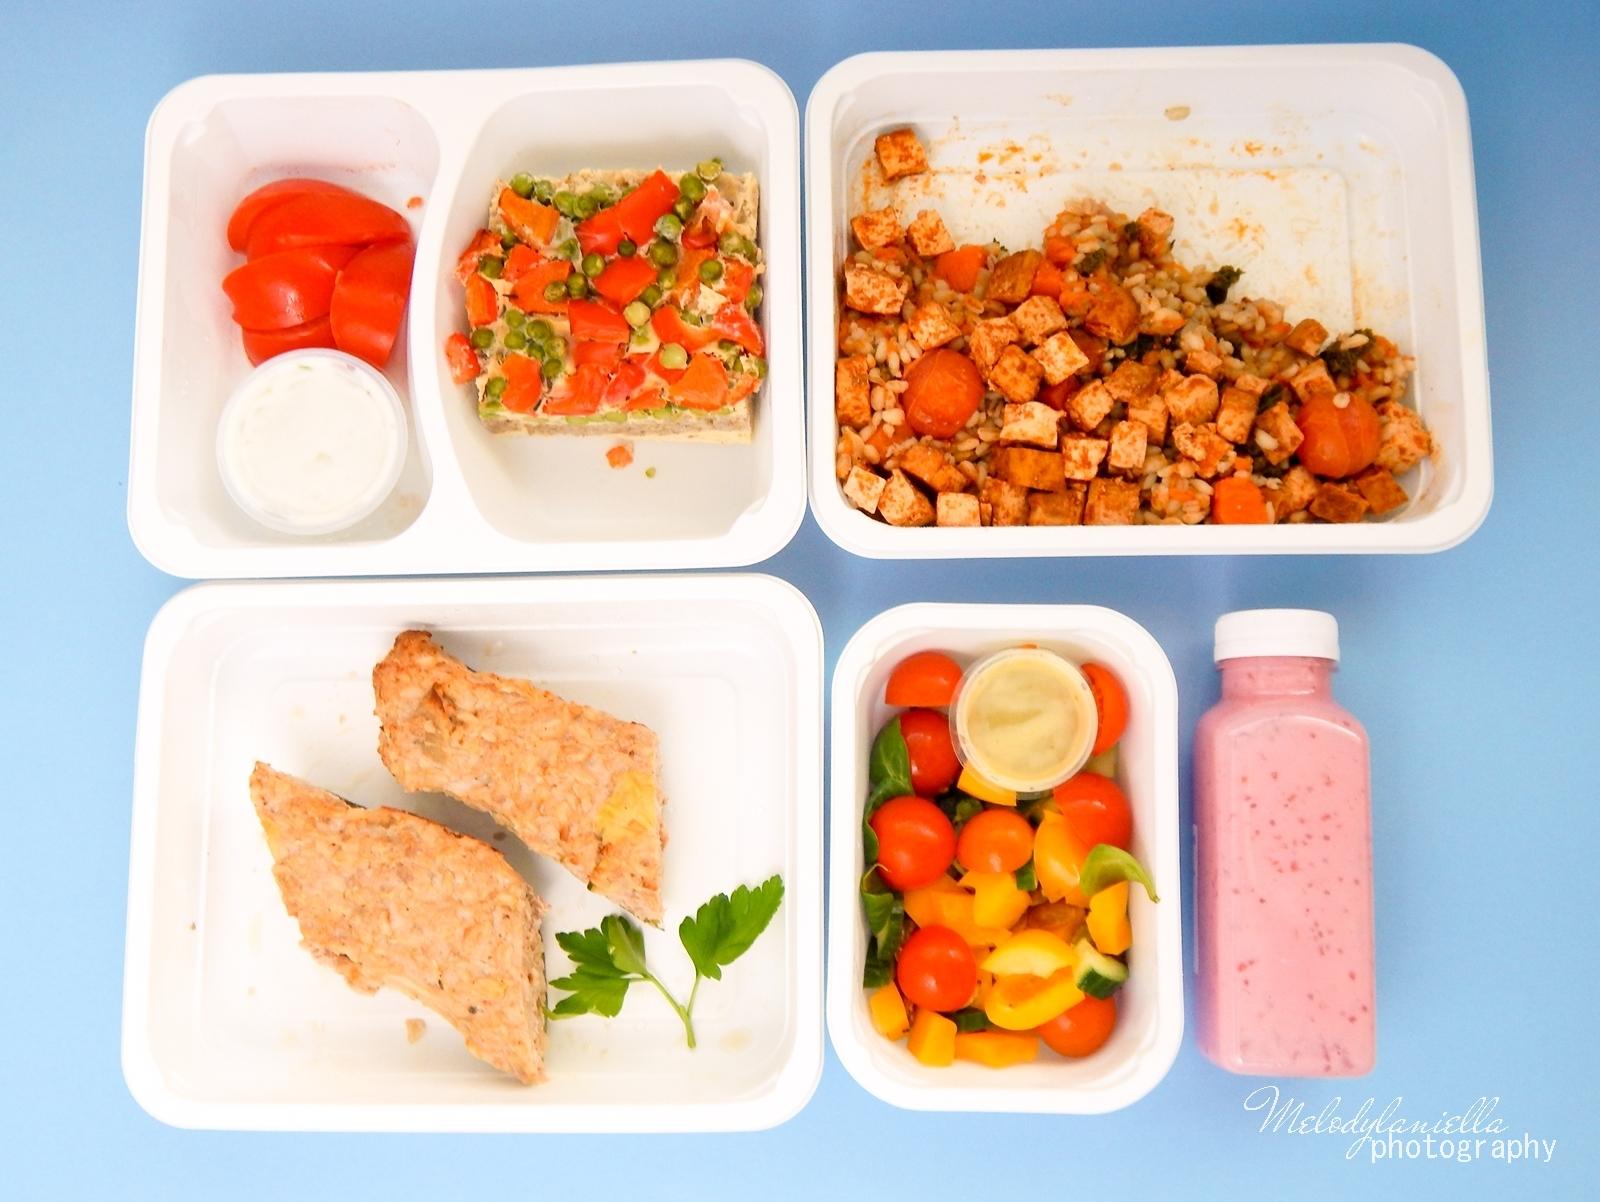 016 cateromarket dieta pudełkowa catering dietetyczny dieta jak przejść na dietę catering z dowozem do domu dieta kalorie melodylaniella dieta na cały dzień jedzenie na cały dzień catering do domu